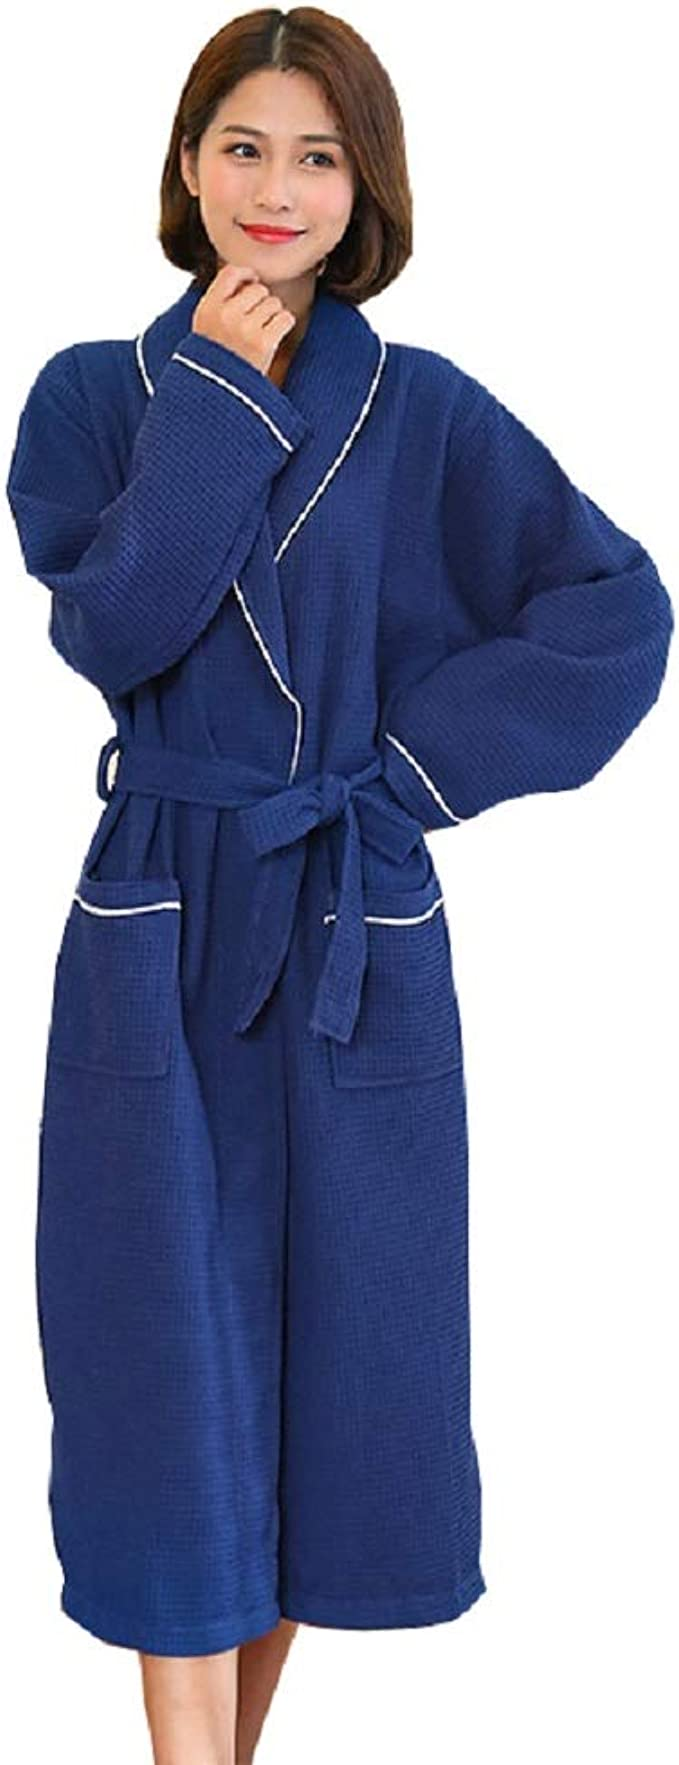 TALLA XL. SEMIR Mujer algodón Kimono Wrap Bata Bata Bata con Bolsillos y cinturón para Hombres y Mujeres